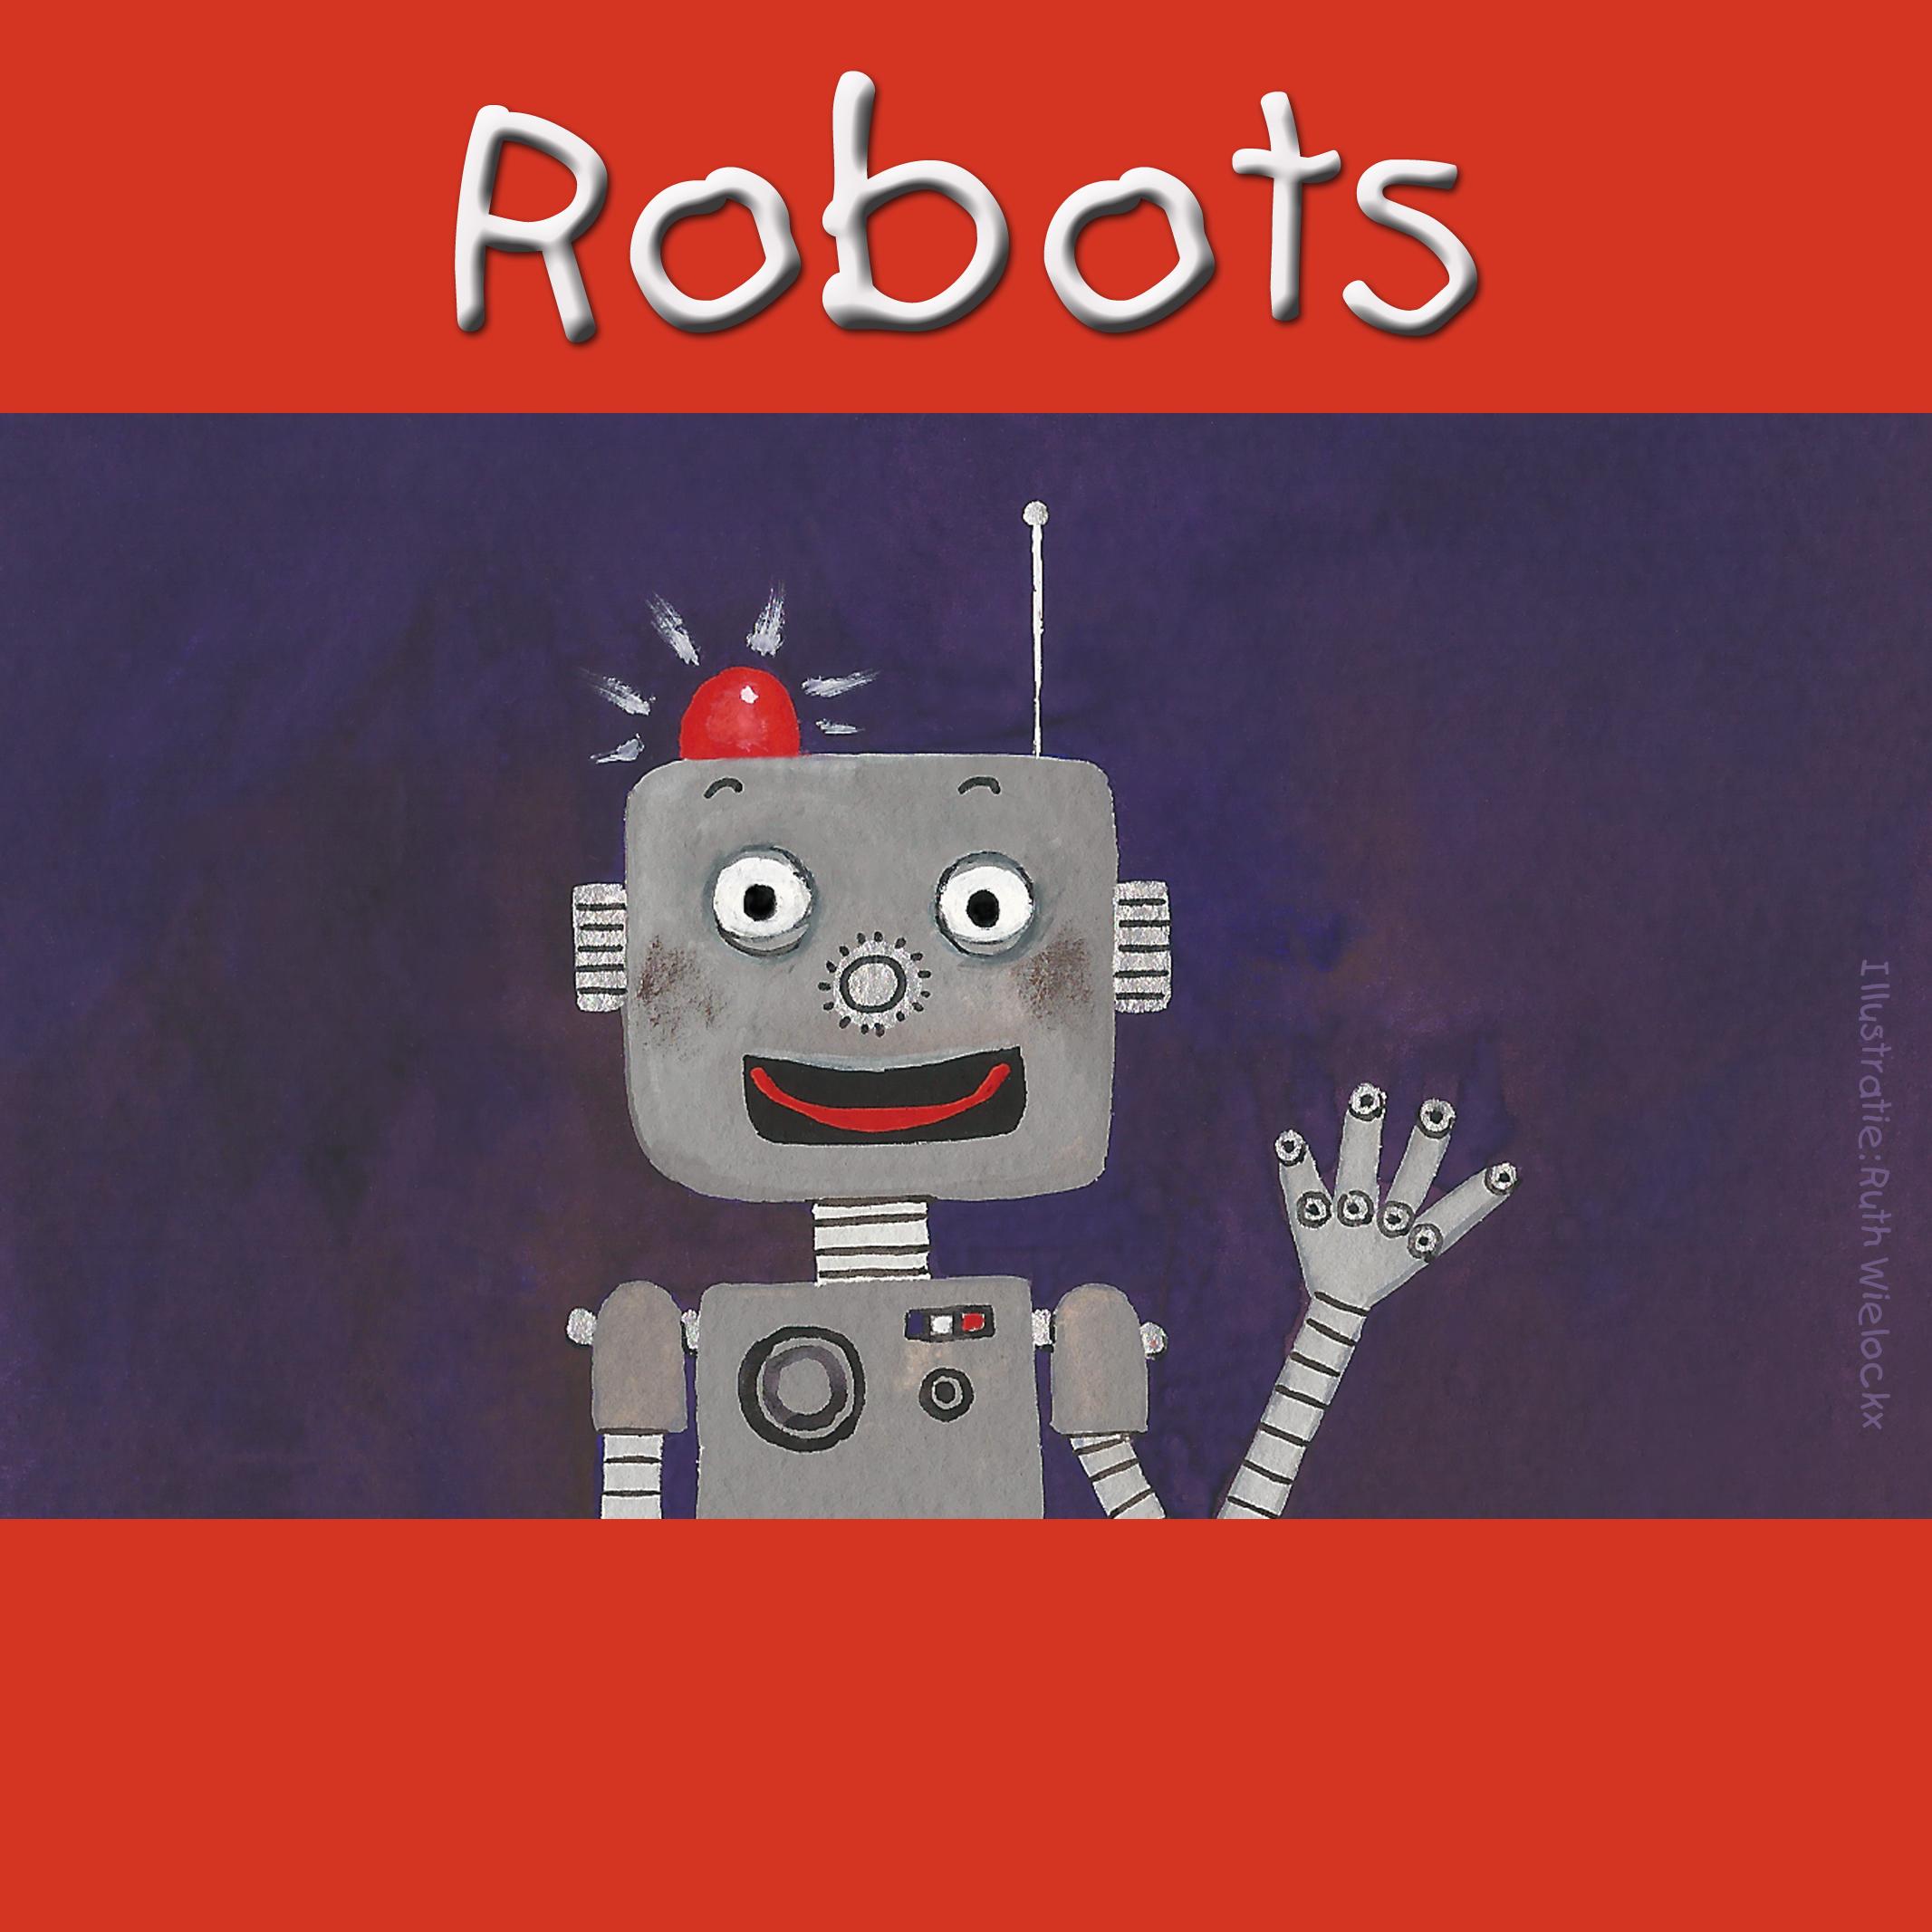 Robotsicoon